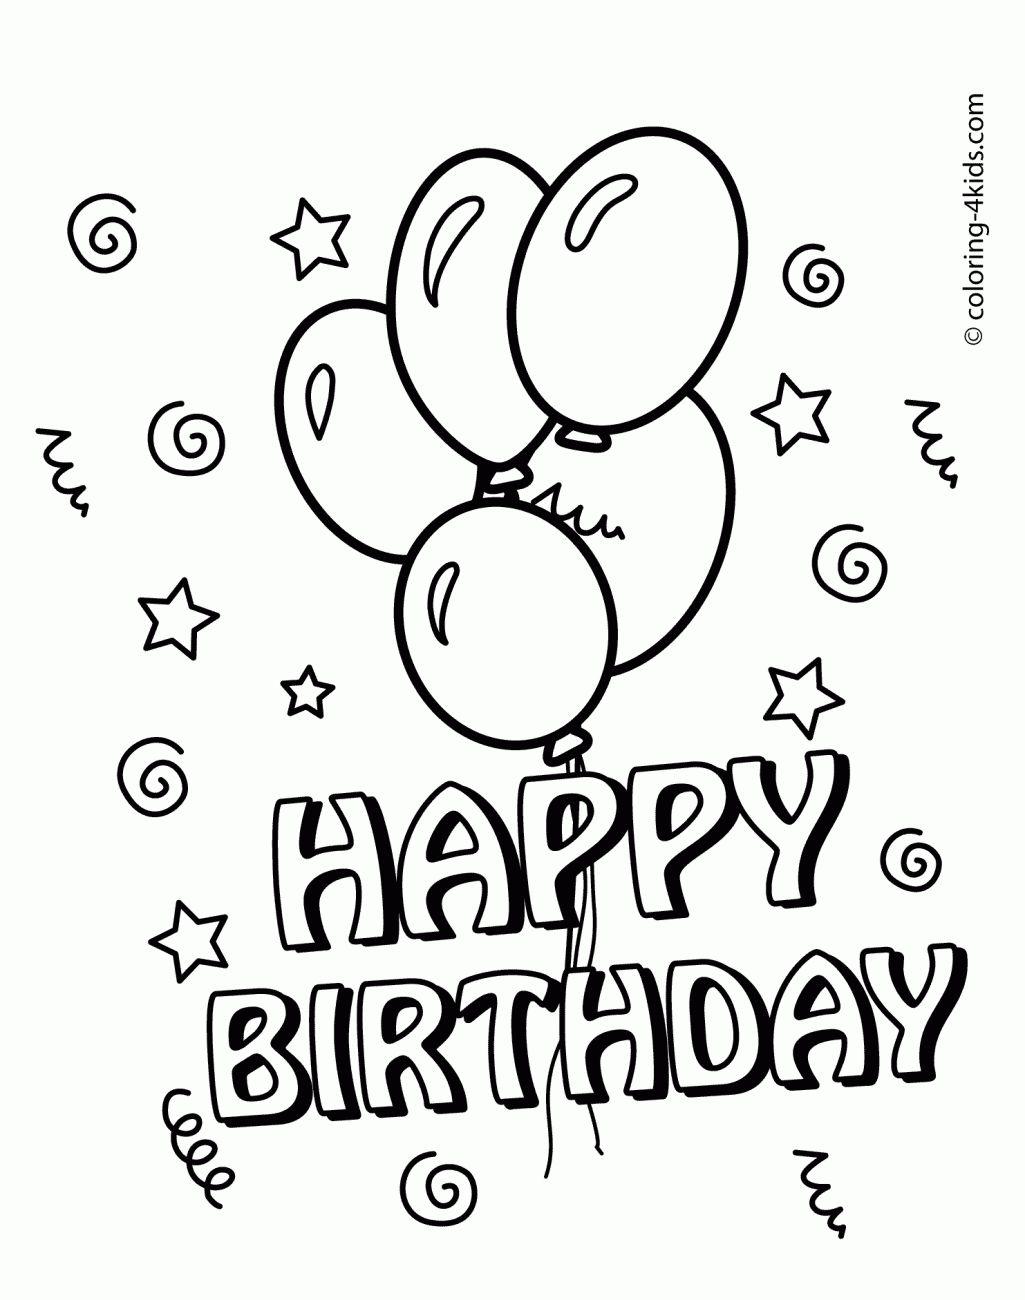 Happy Birthday Jarig Verjaardag Kaarten Diy Pinterest